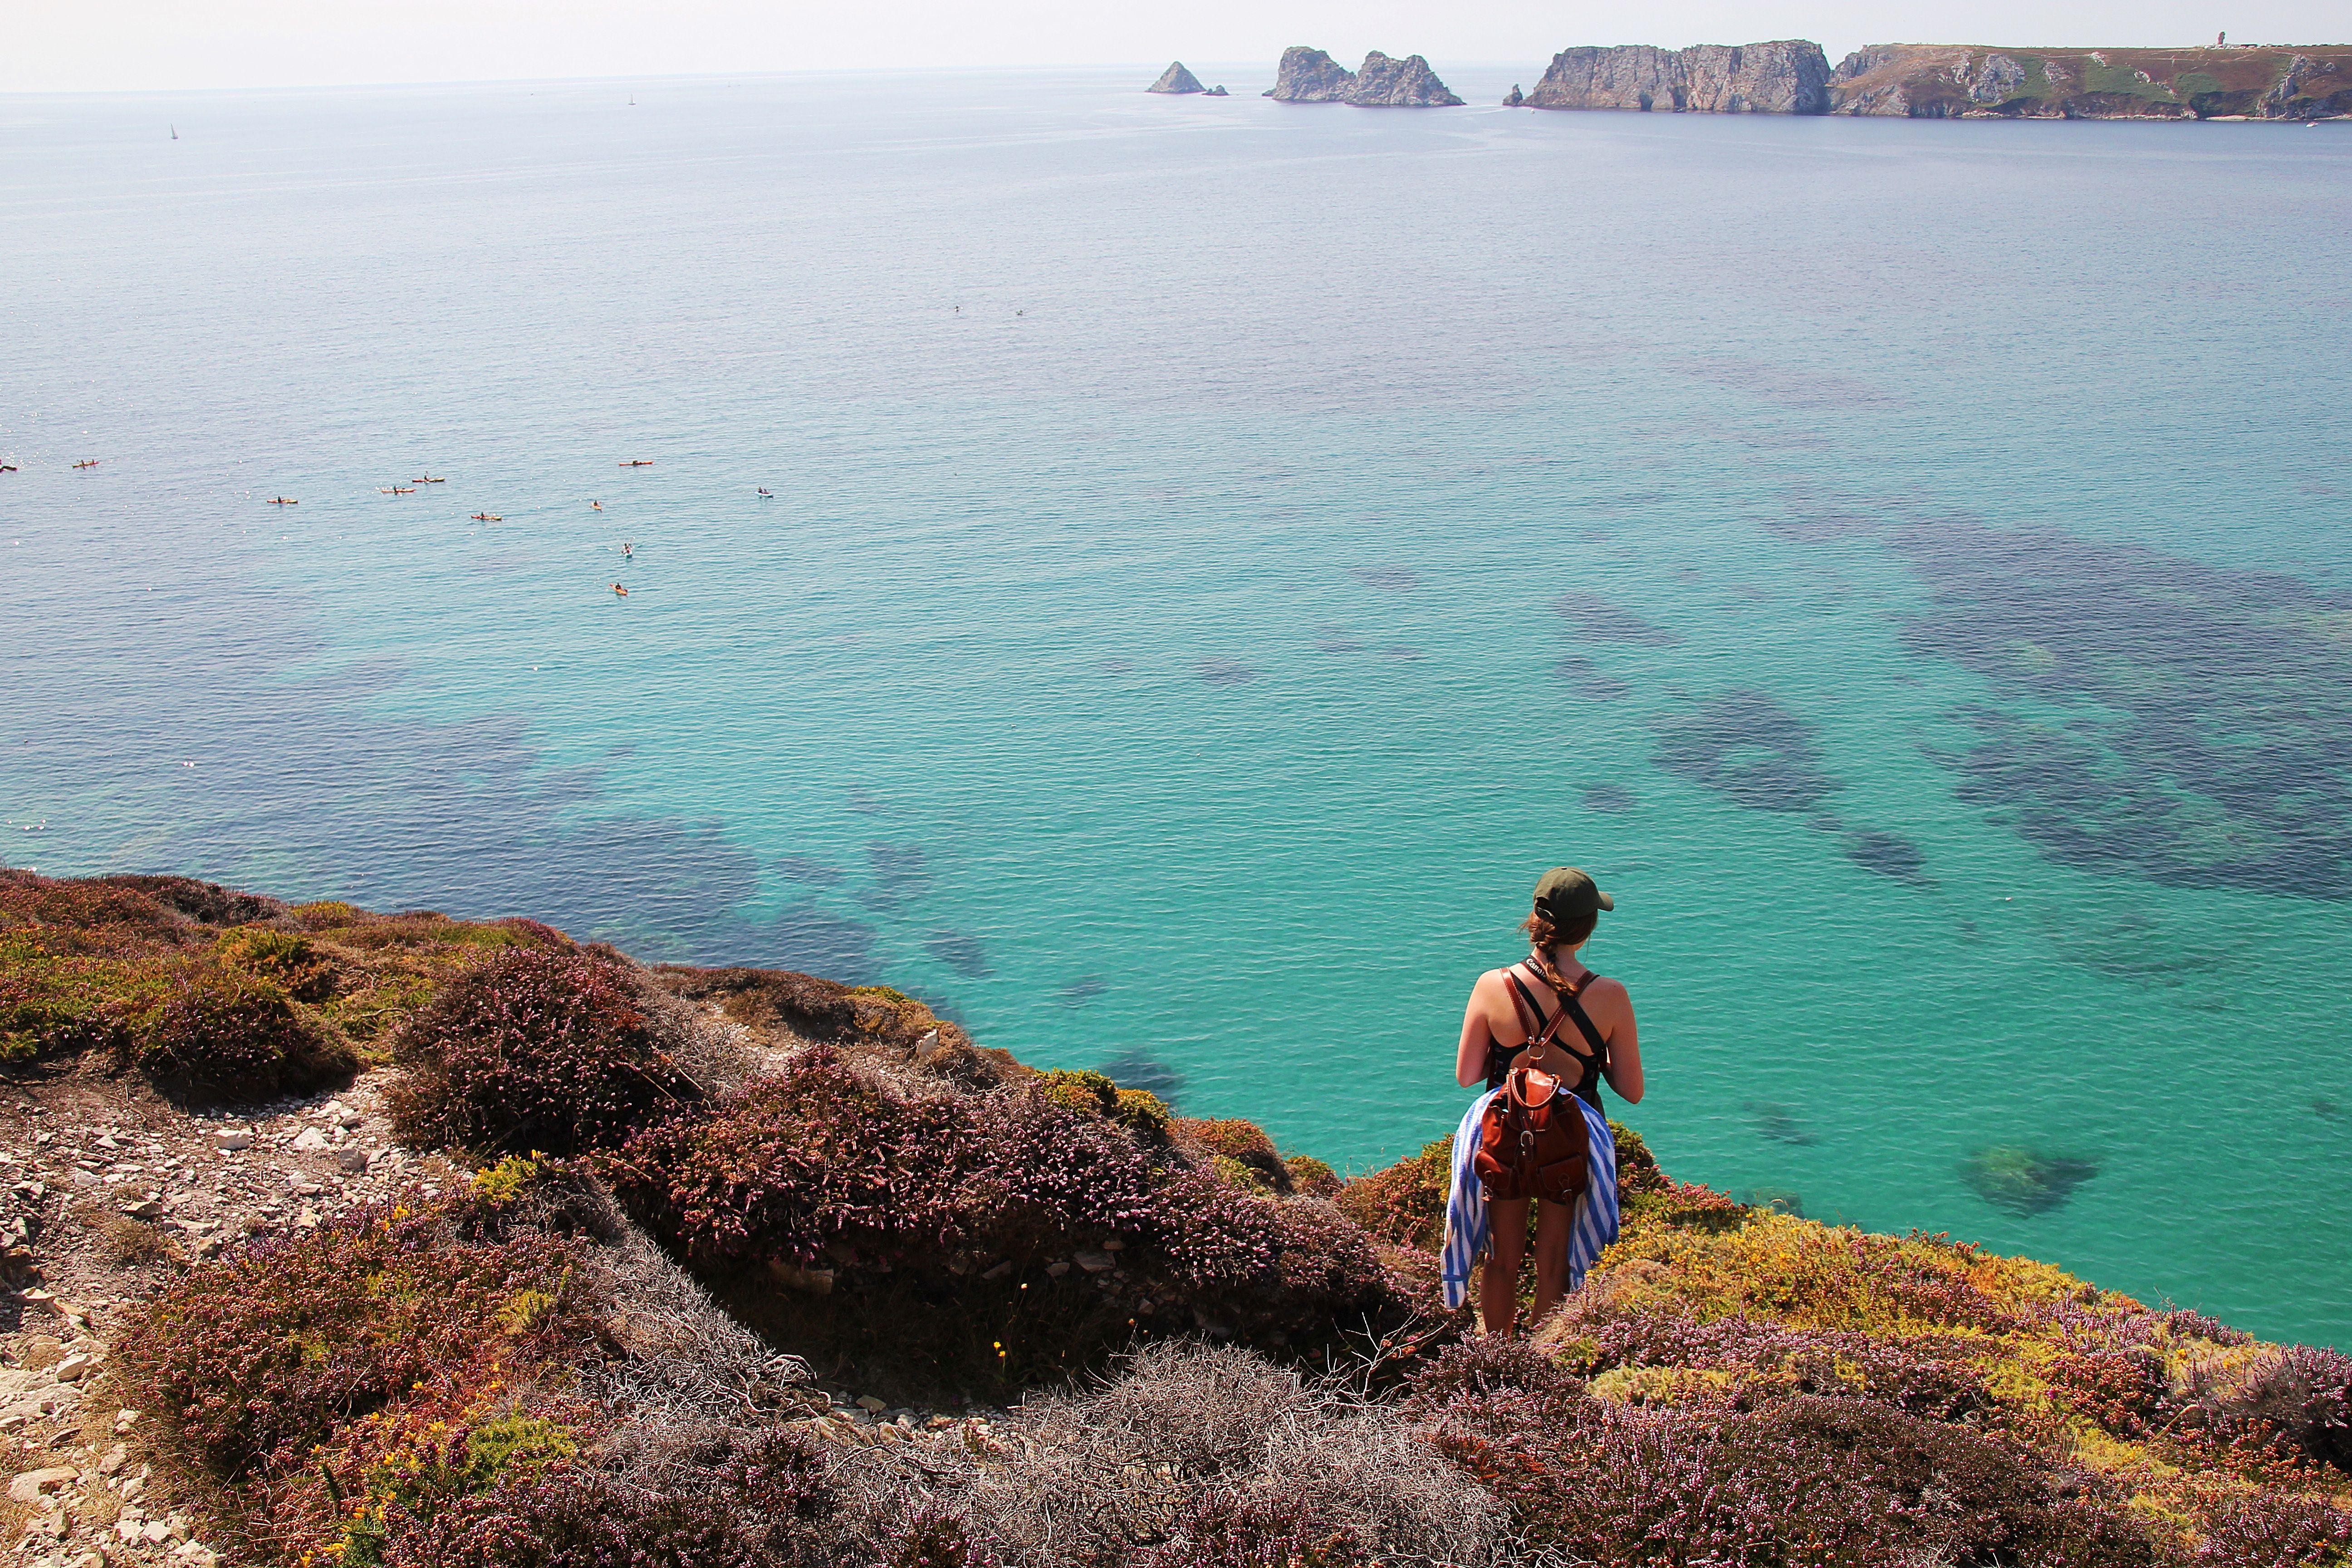 acdfc3e2d0 Ihr plant einen Road Trip entlang Frankreichs Atlantikküste? Wir haben eine  tolle Route und jede Menge Tipps für einen garantiert gelungenen  Camping-Urlaub.